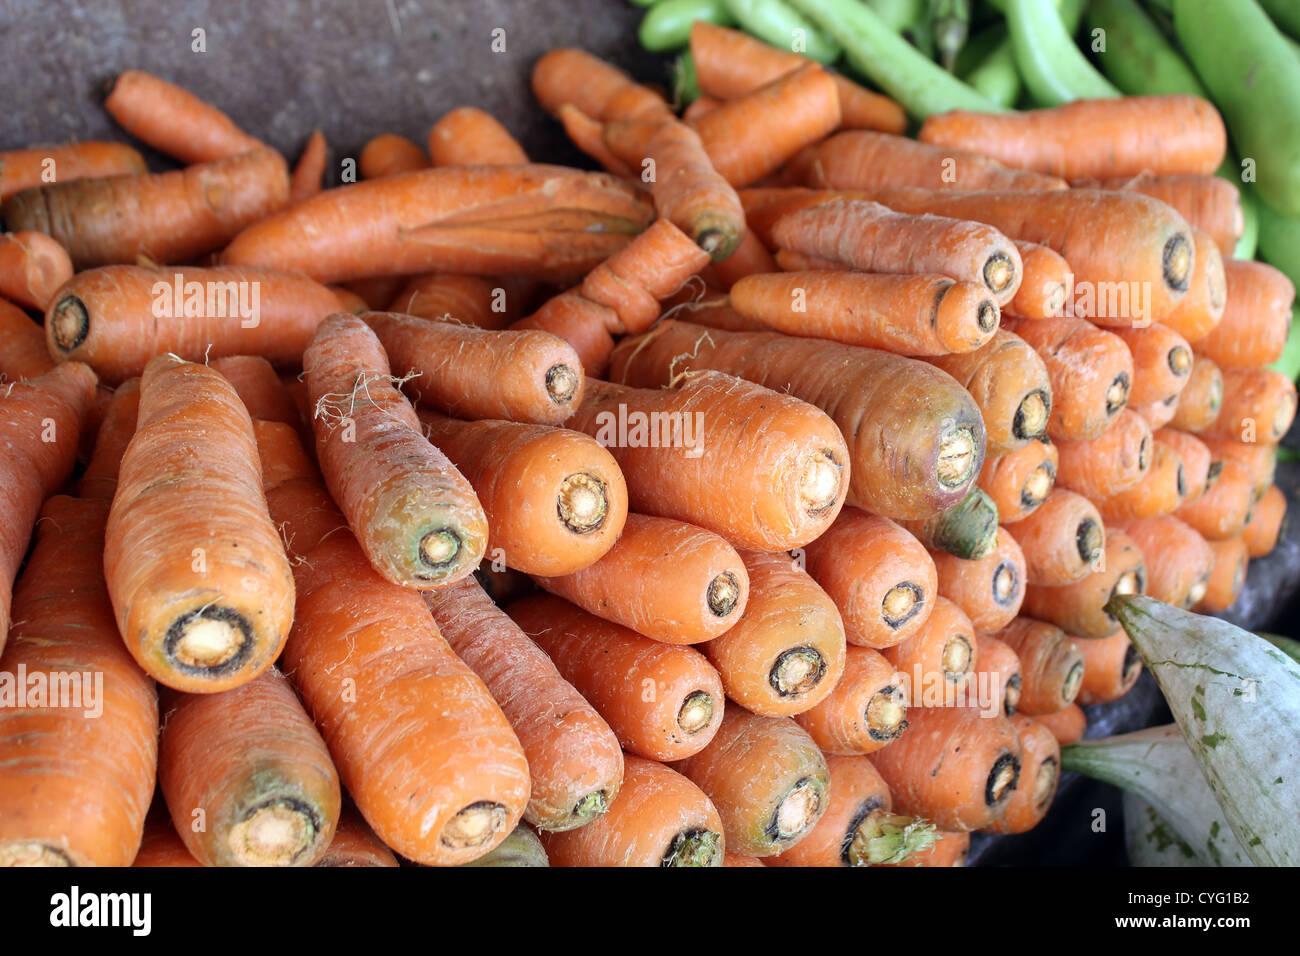 Le carote di essere visualizzati in un negozio di vegetali in India Immagini Stock